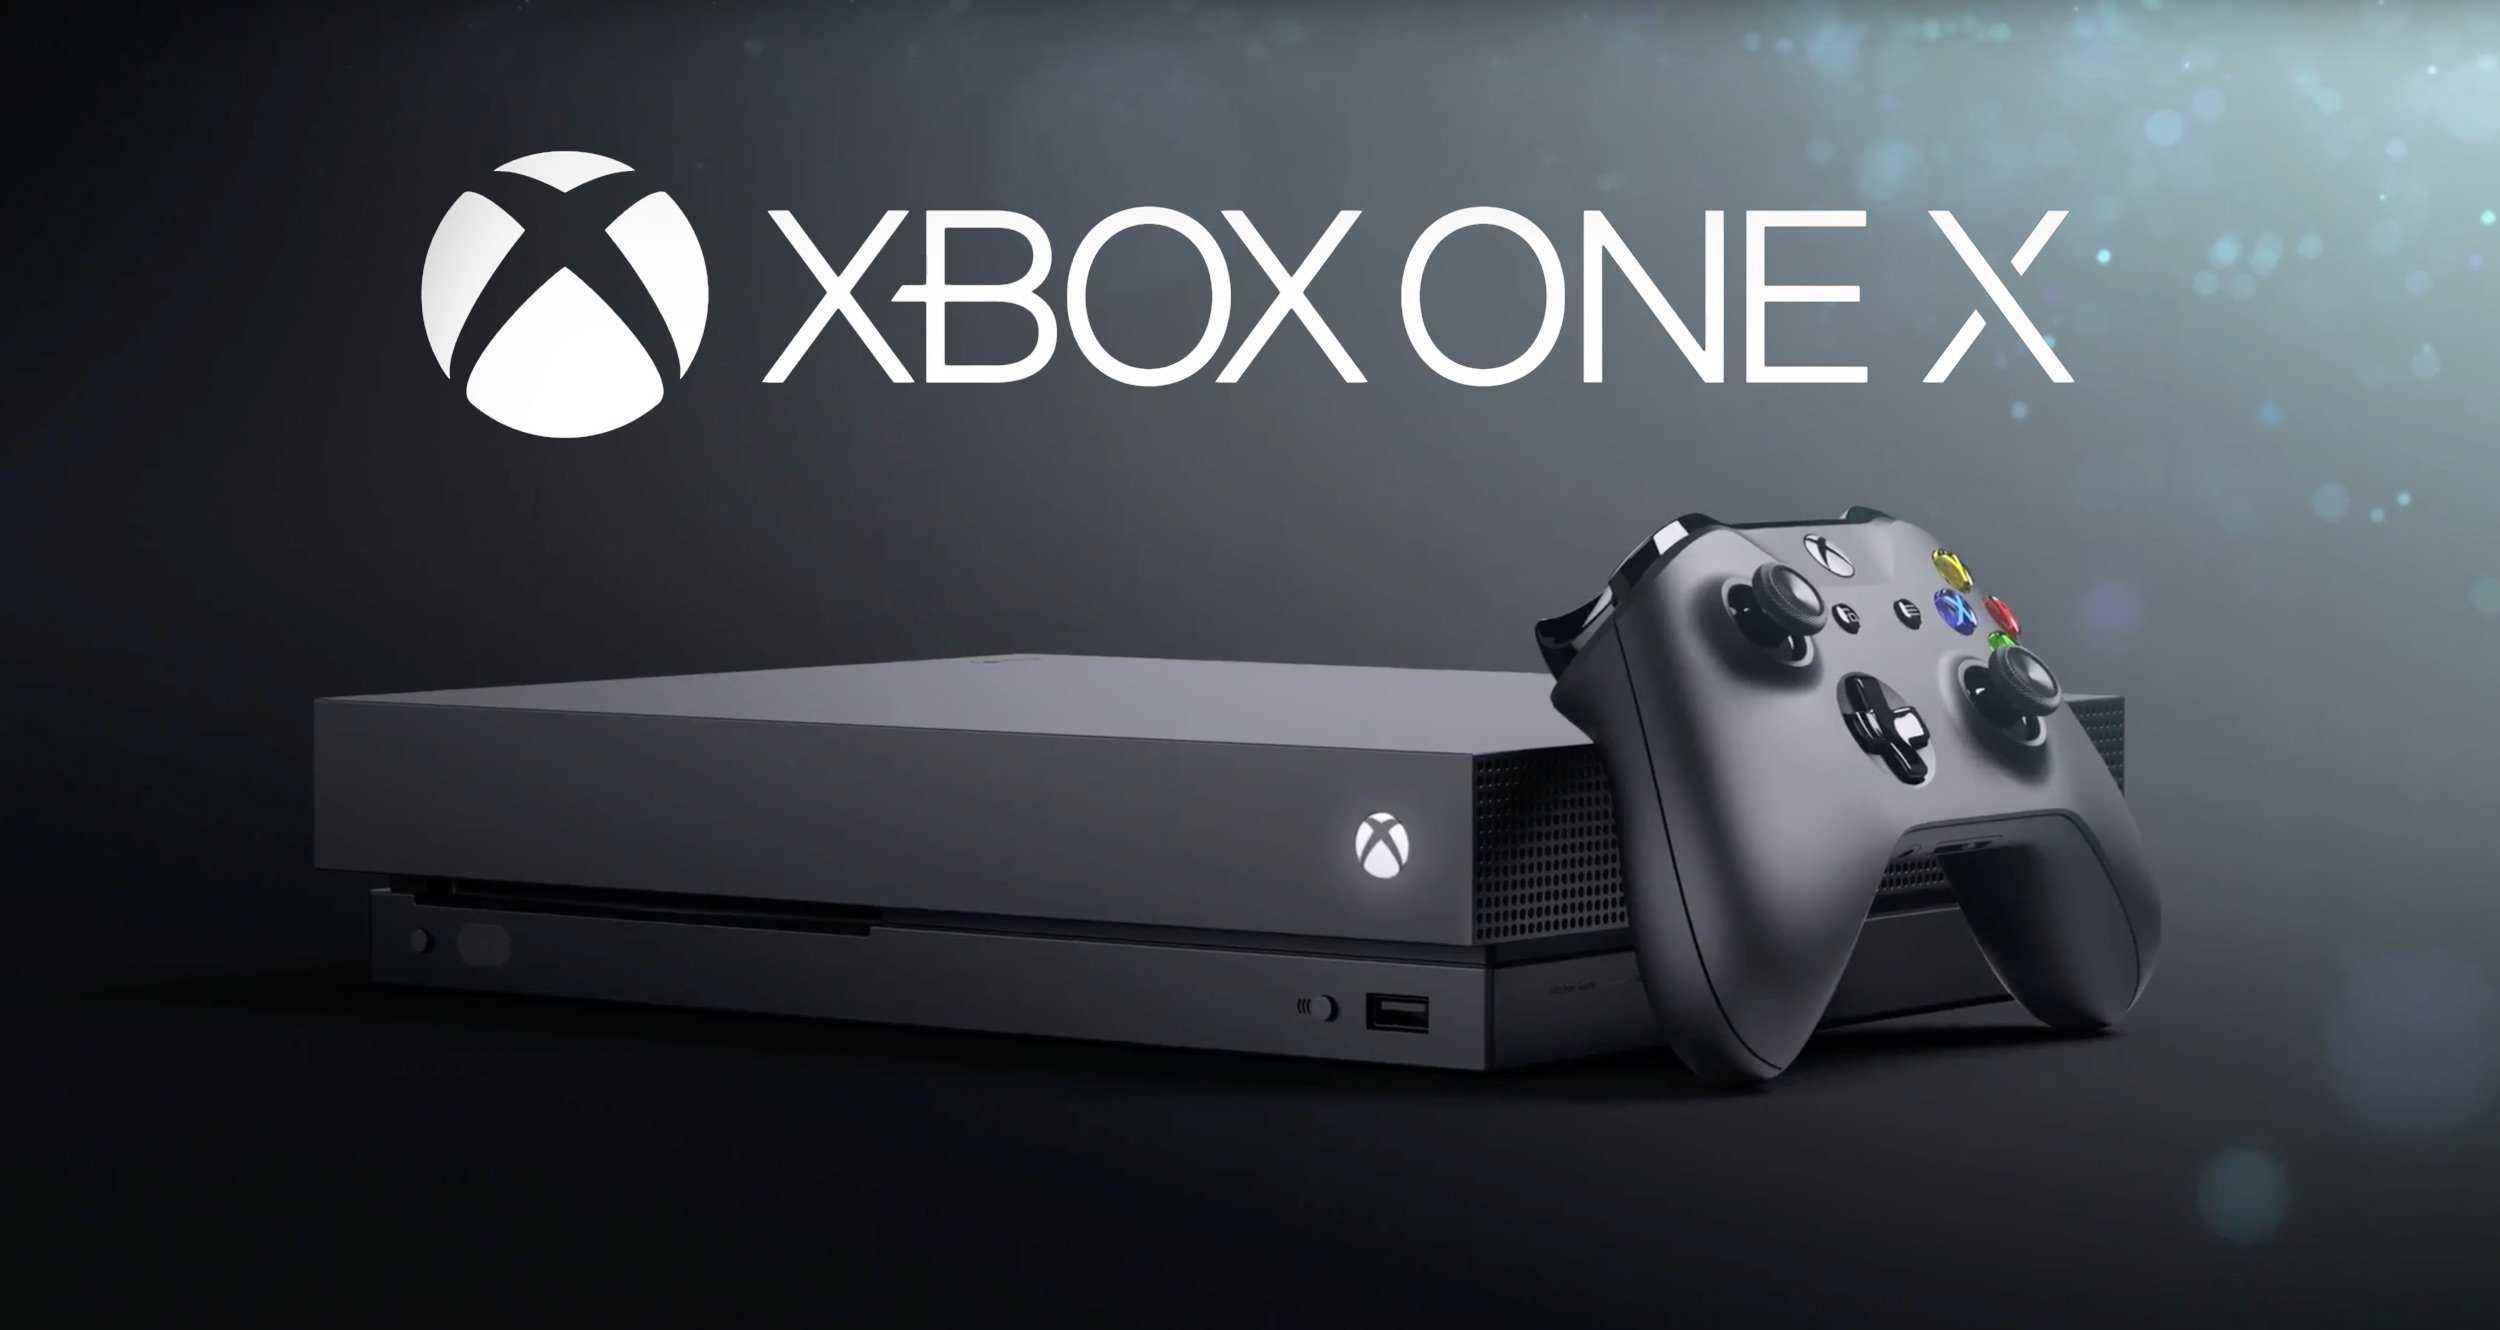 微软将生产80万台碳中和Xbox响应联合国环保倡议